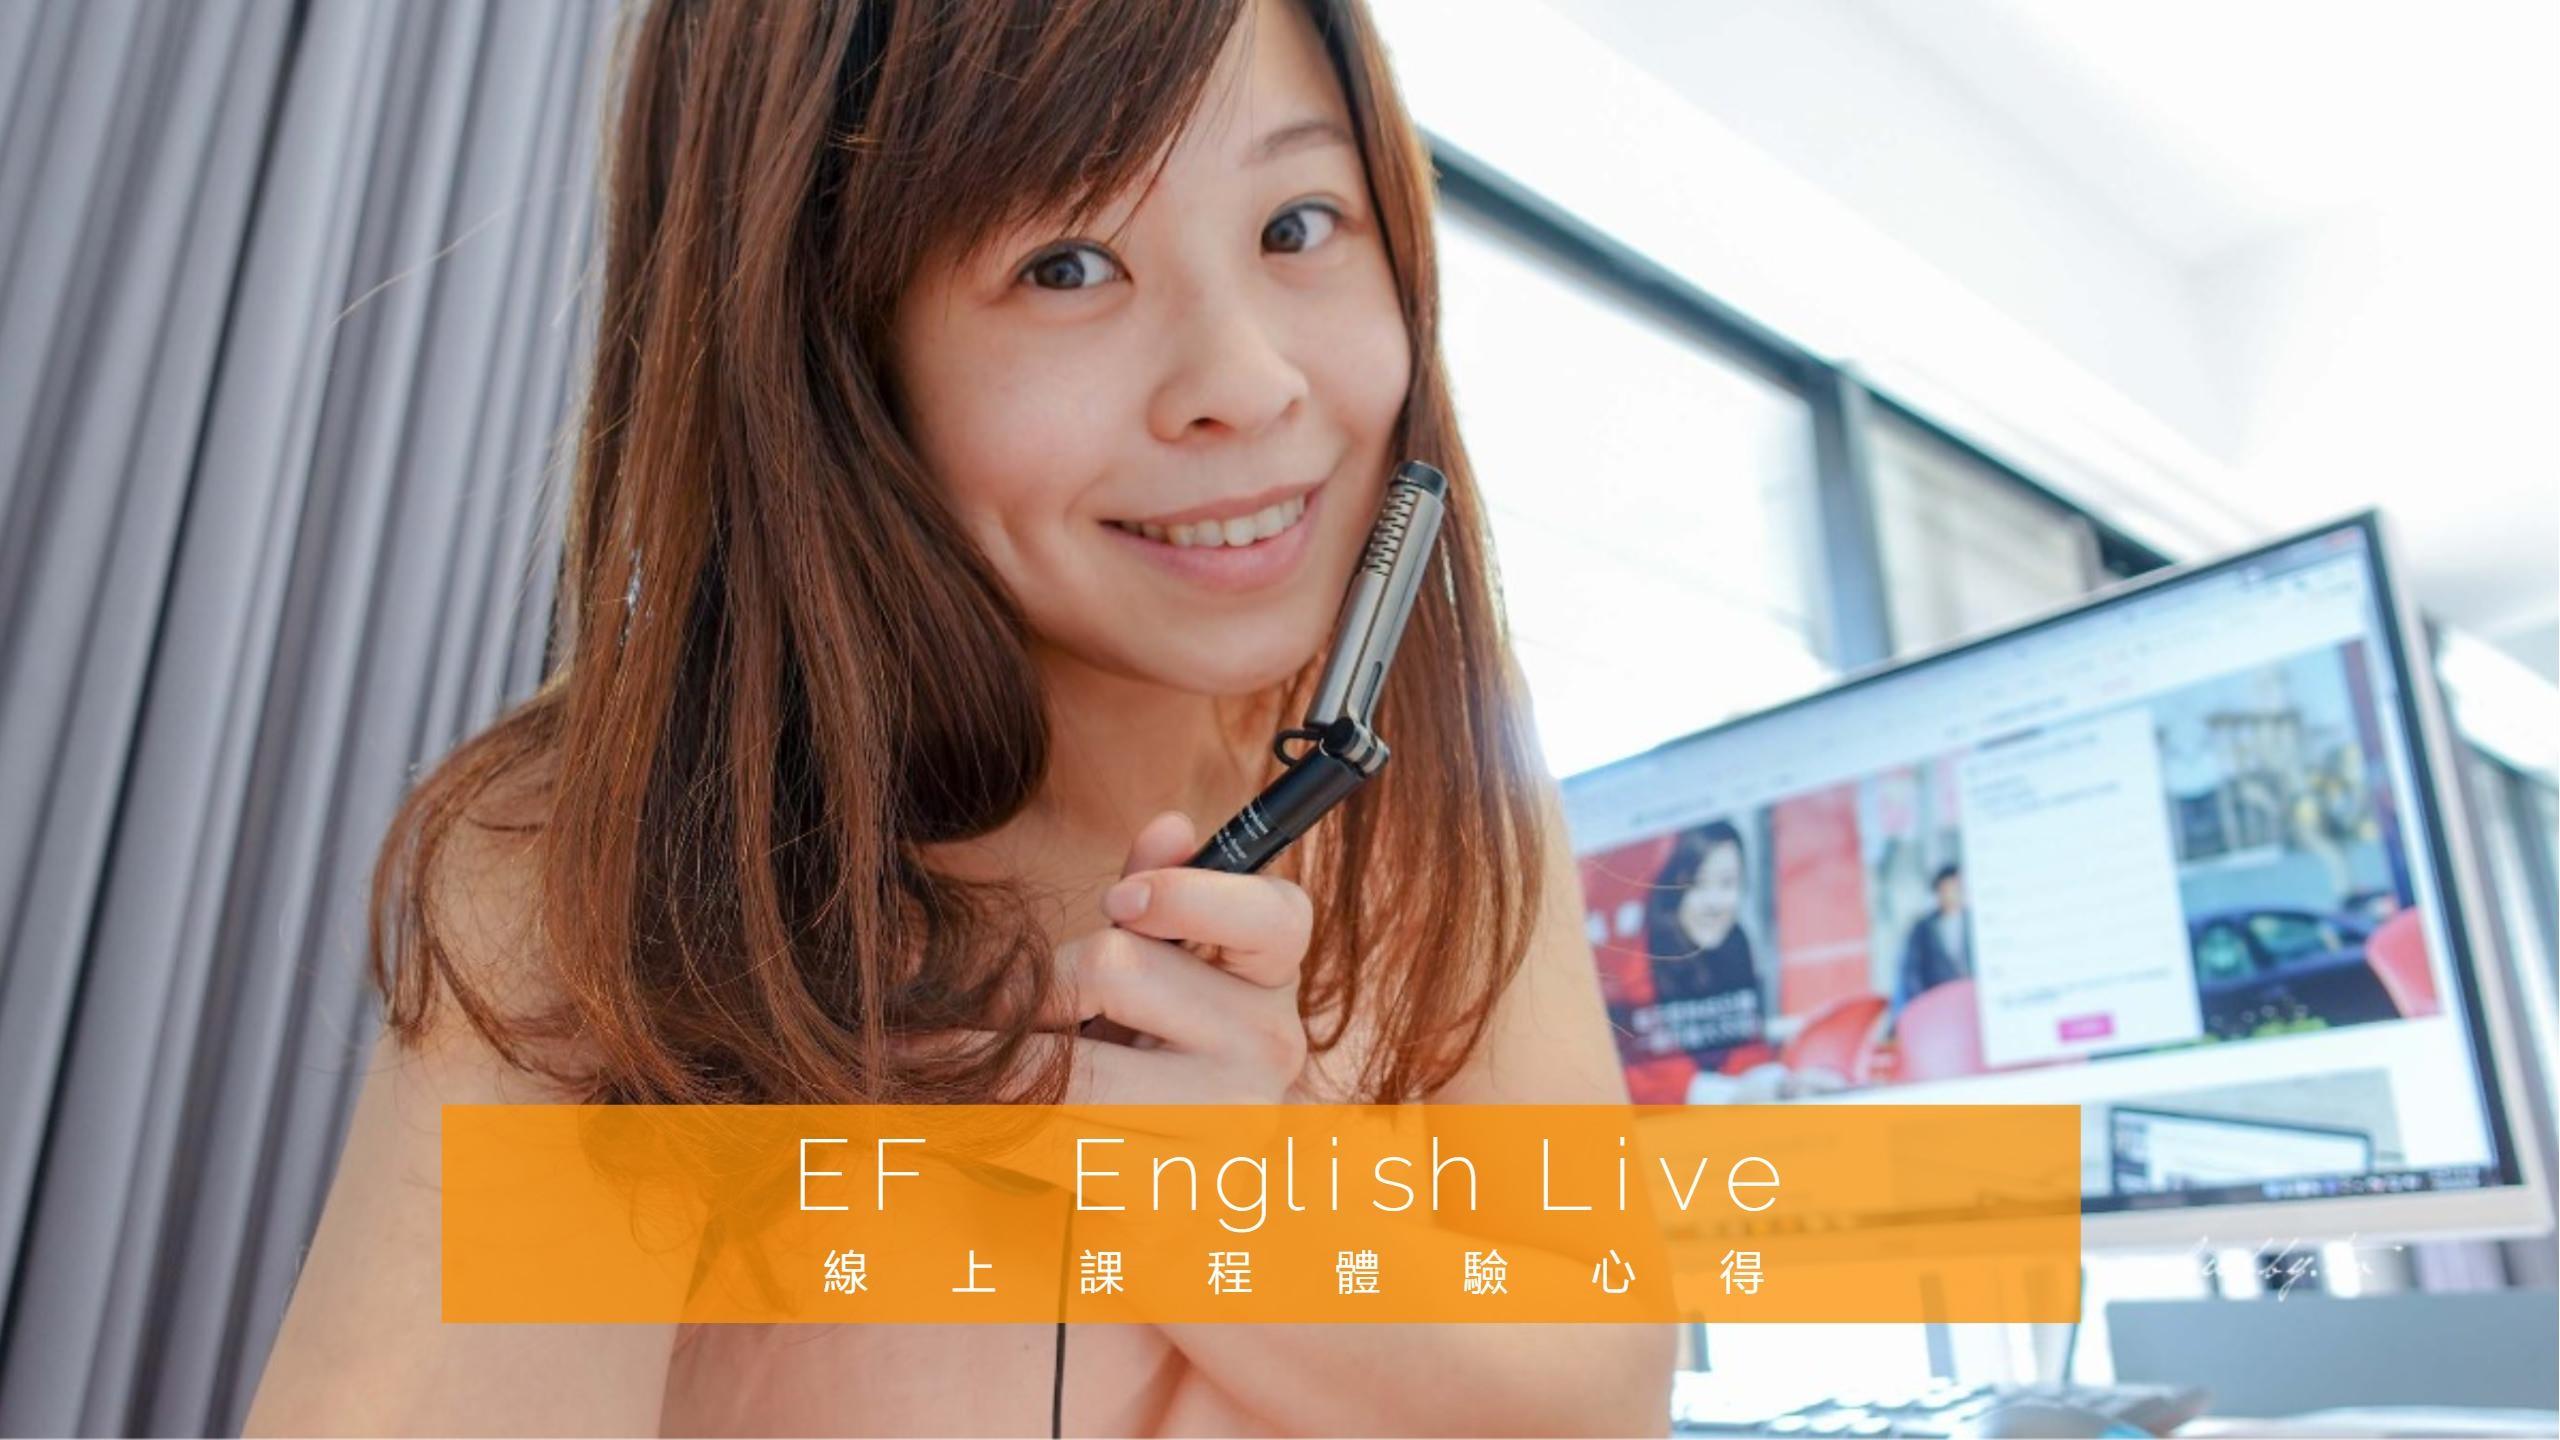 遊學後該怎麼保持英文能力?EF English Live線上課程體驗心得